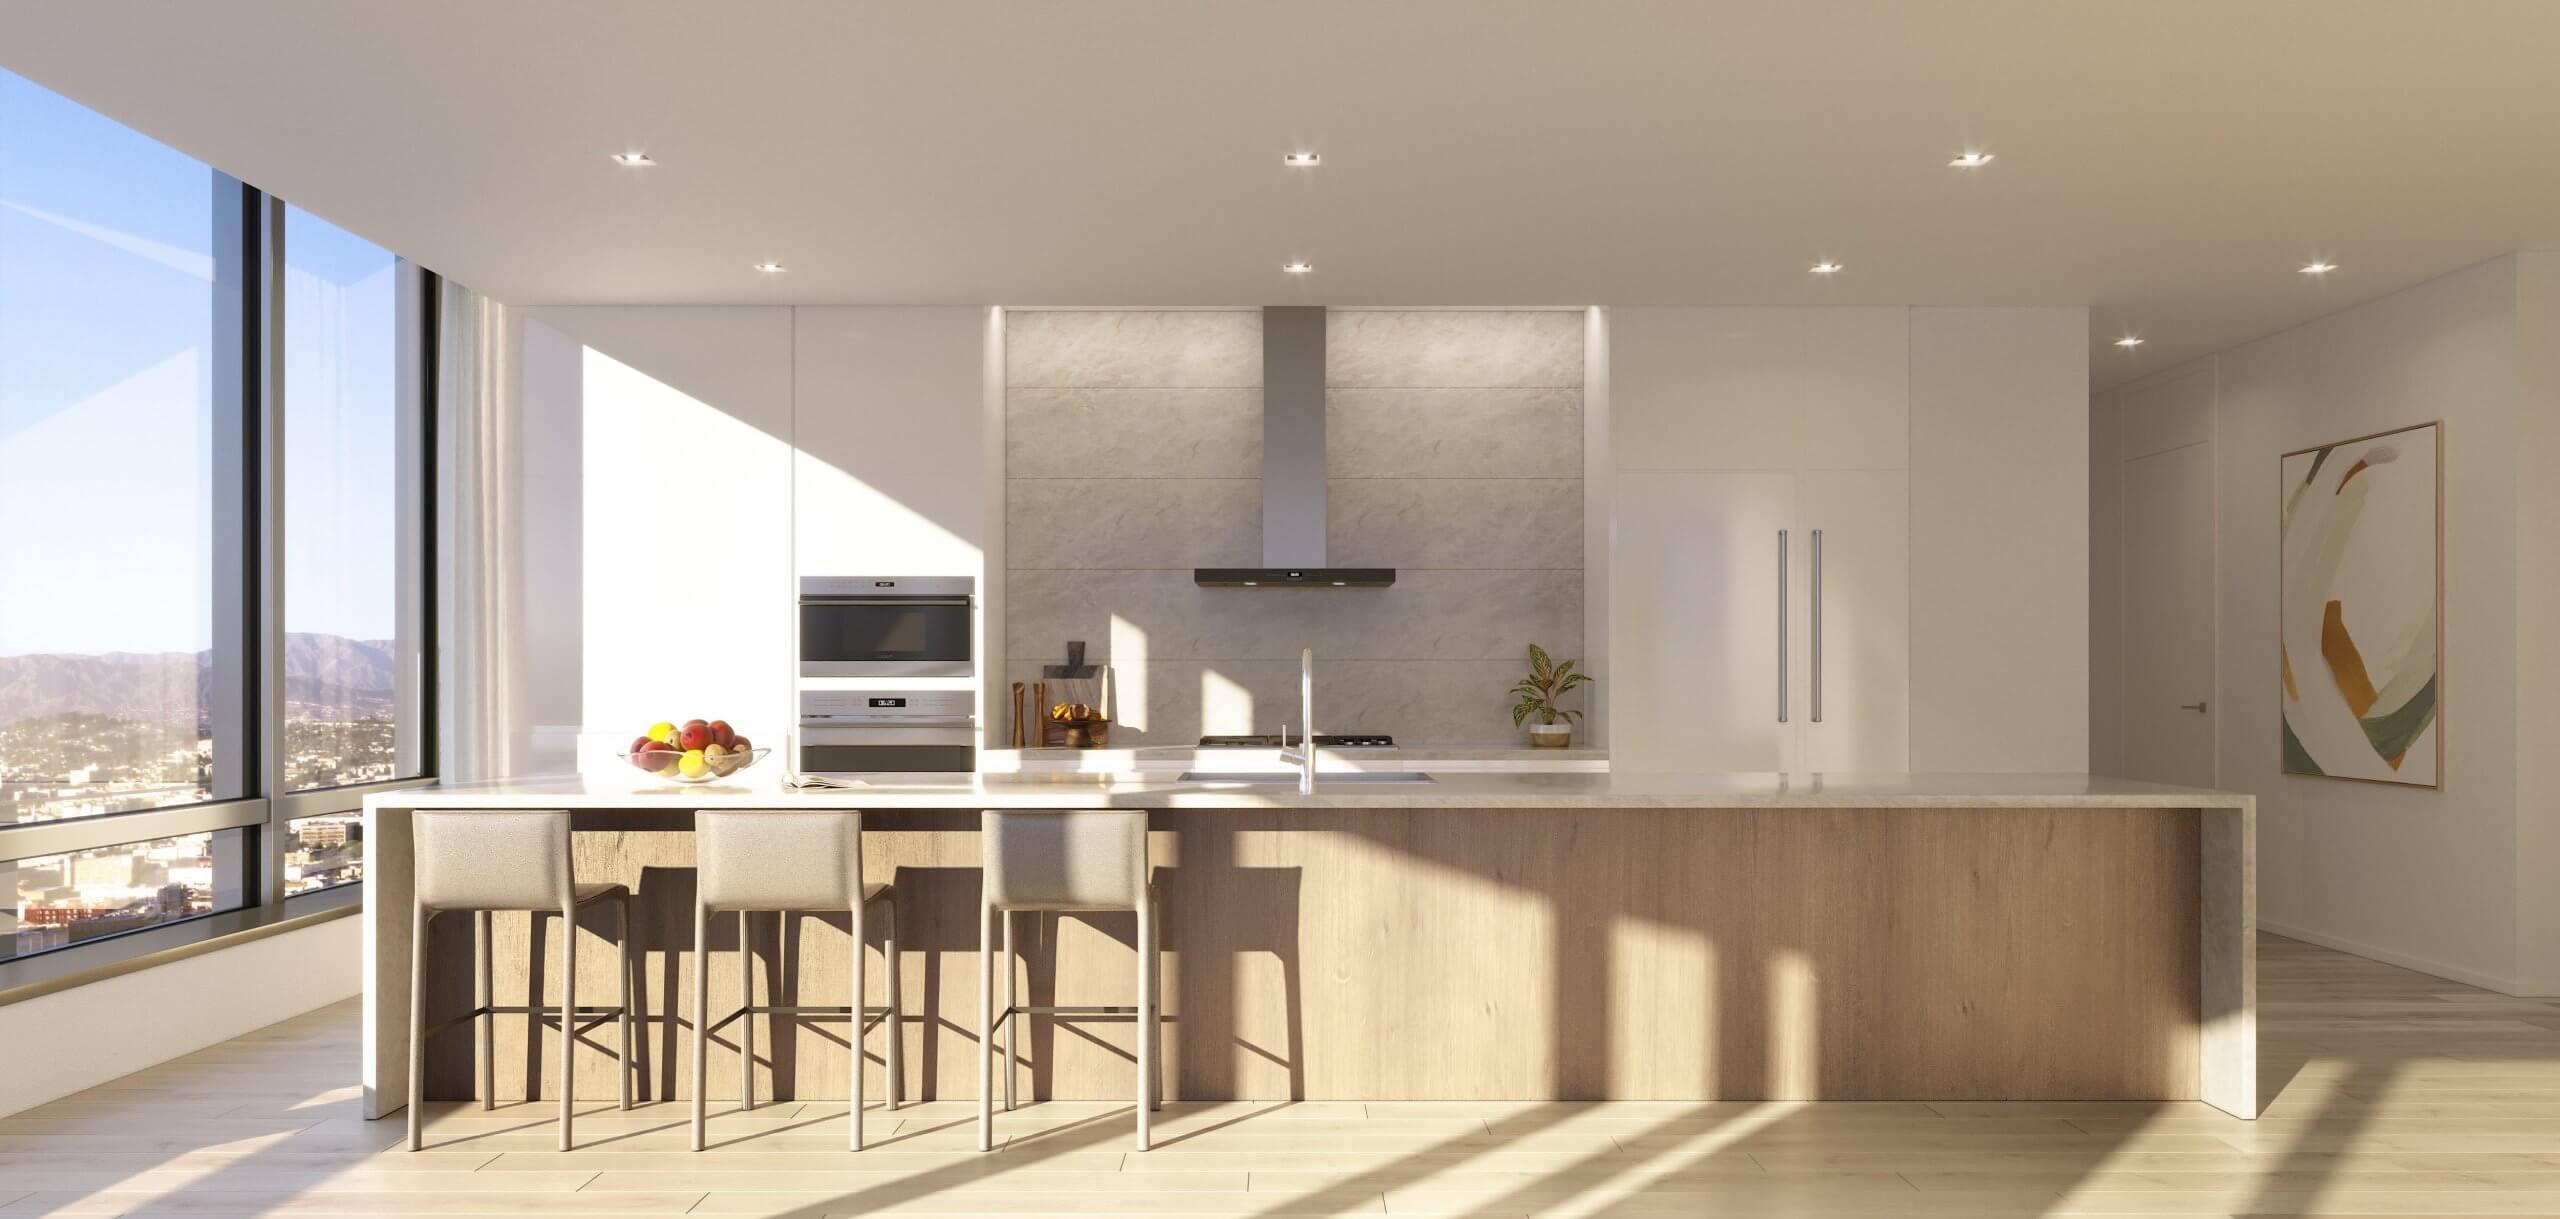 T1_Kitchen-Close-Up-Light-Scheme-_R04